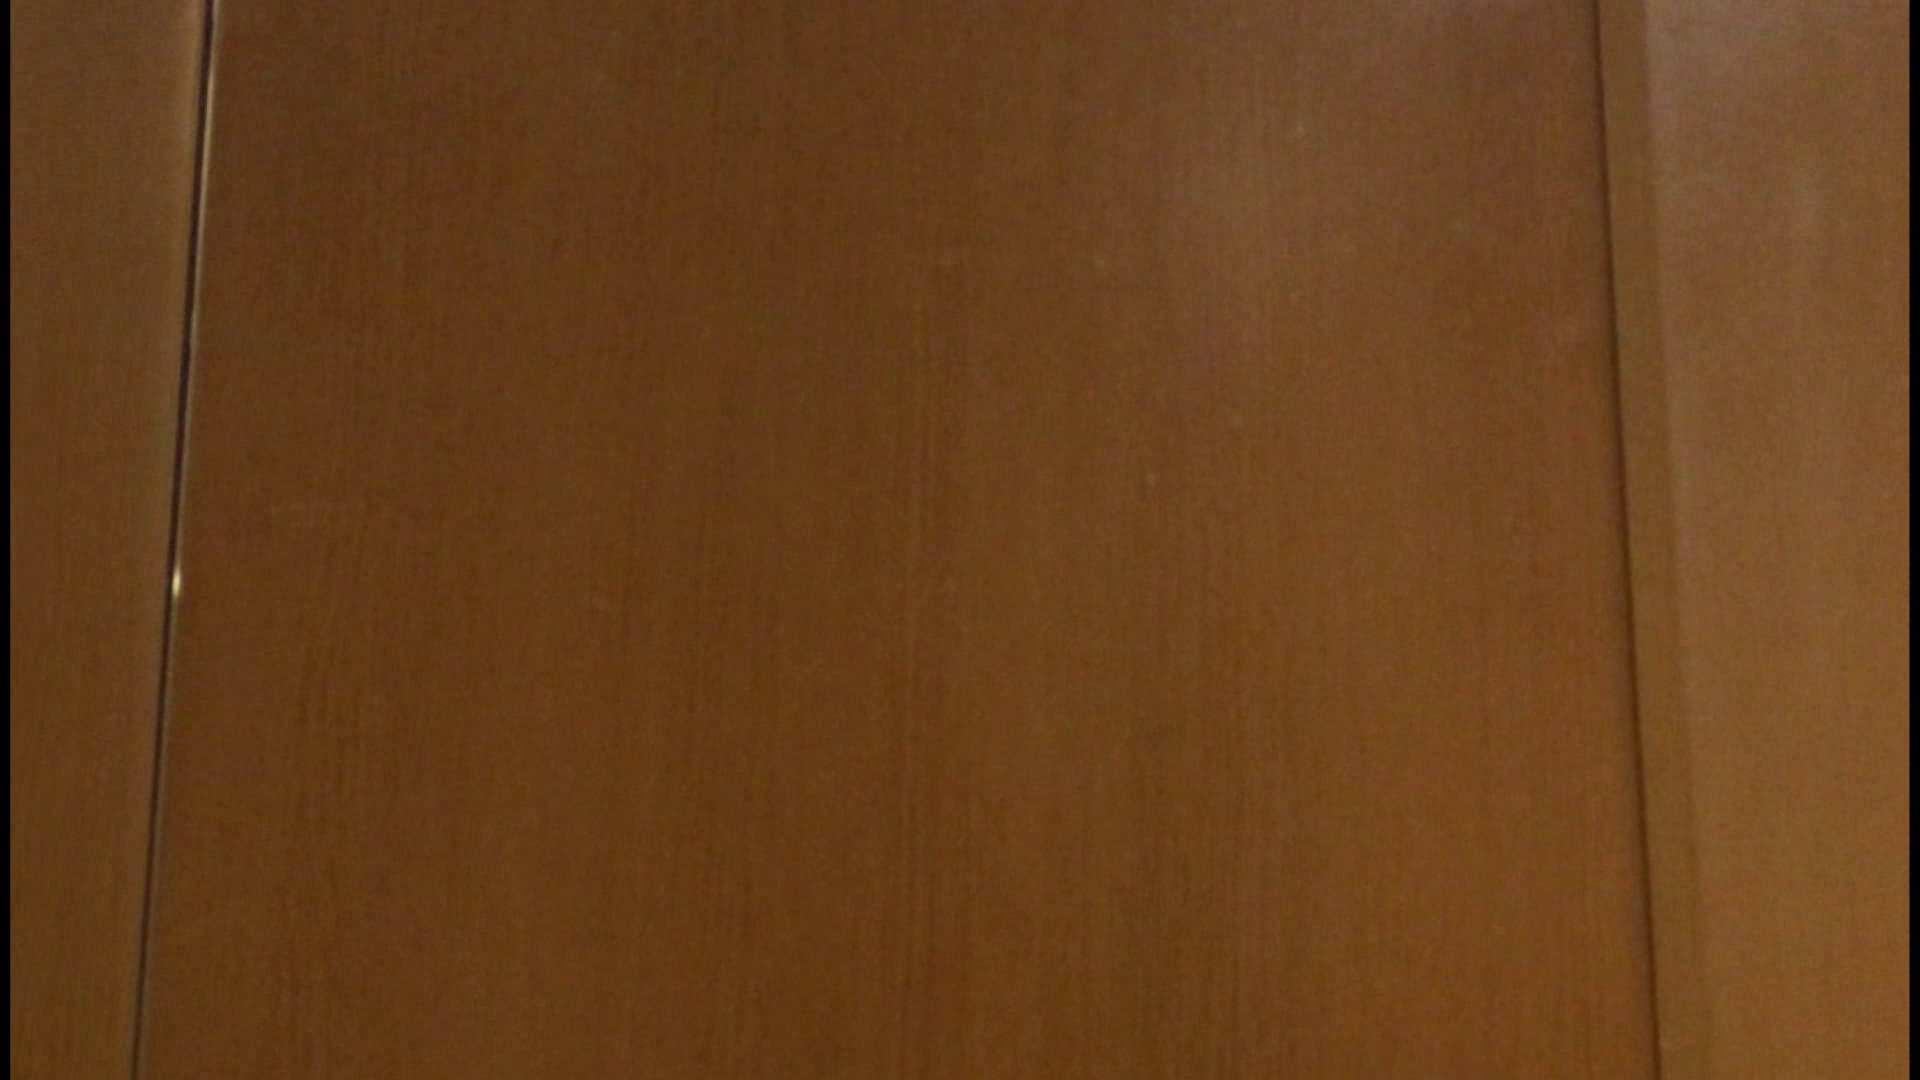 「噂」の国の厠観察日記2 Vol.08 OLハメ撮り  111Pix 22